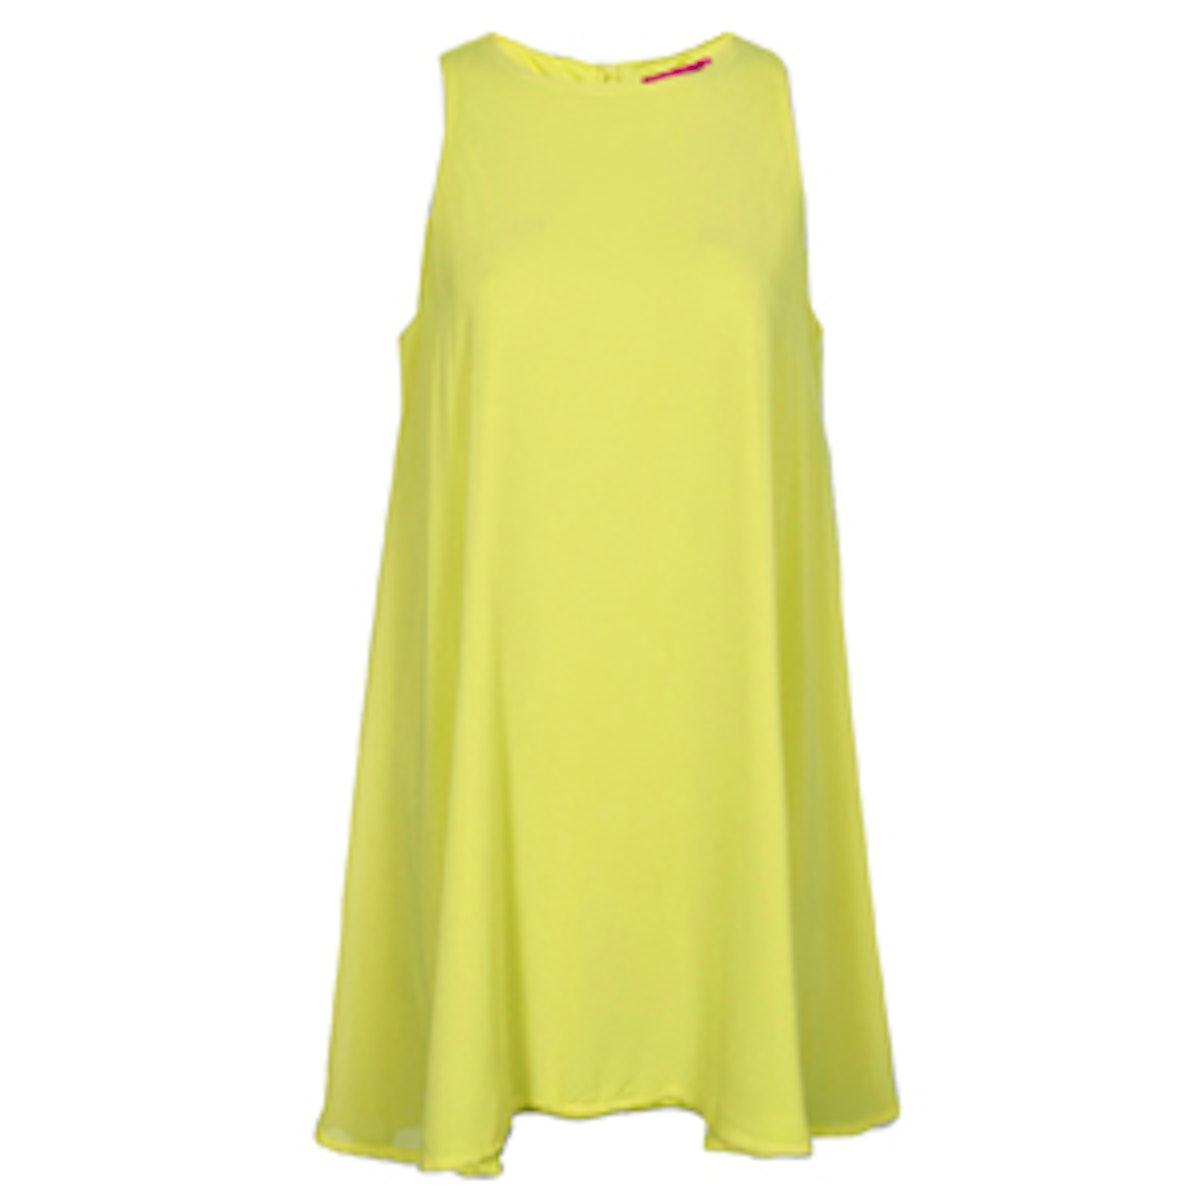 Sleeveless Chiffon Swing Dress